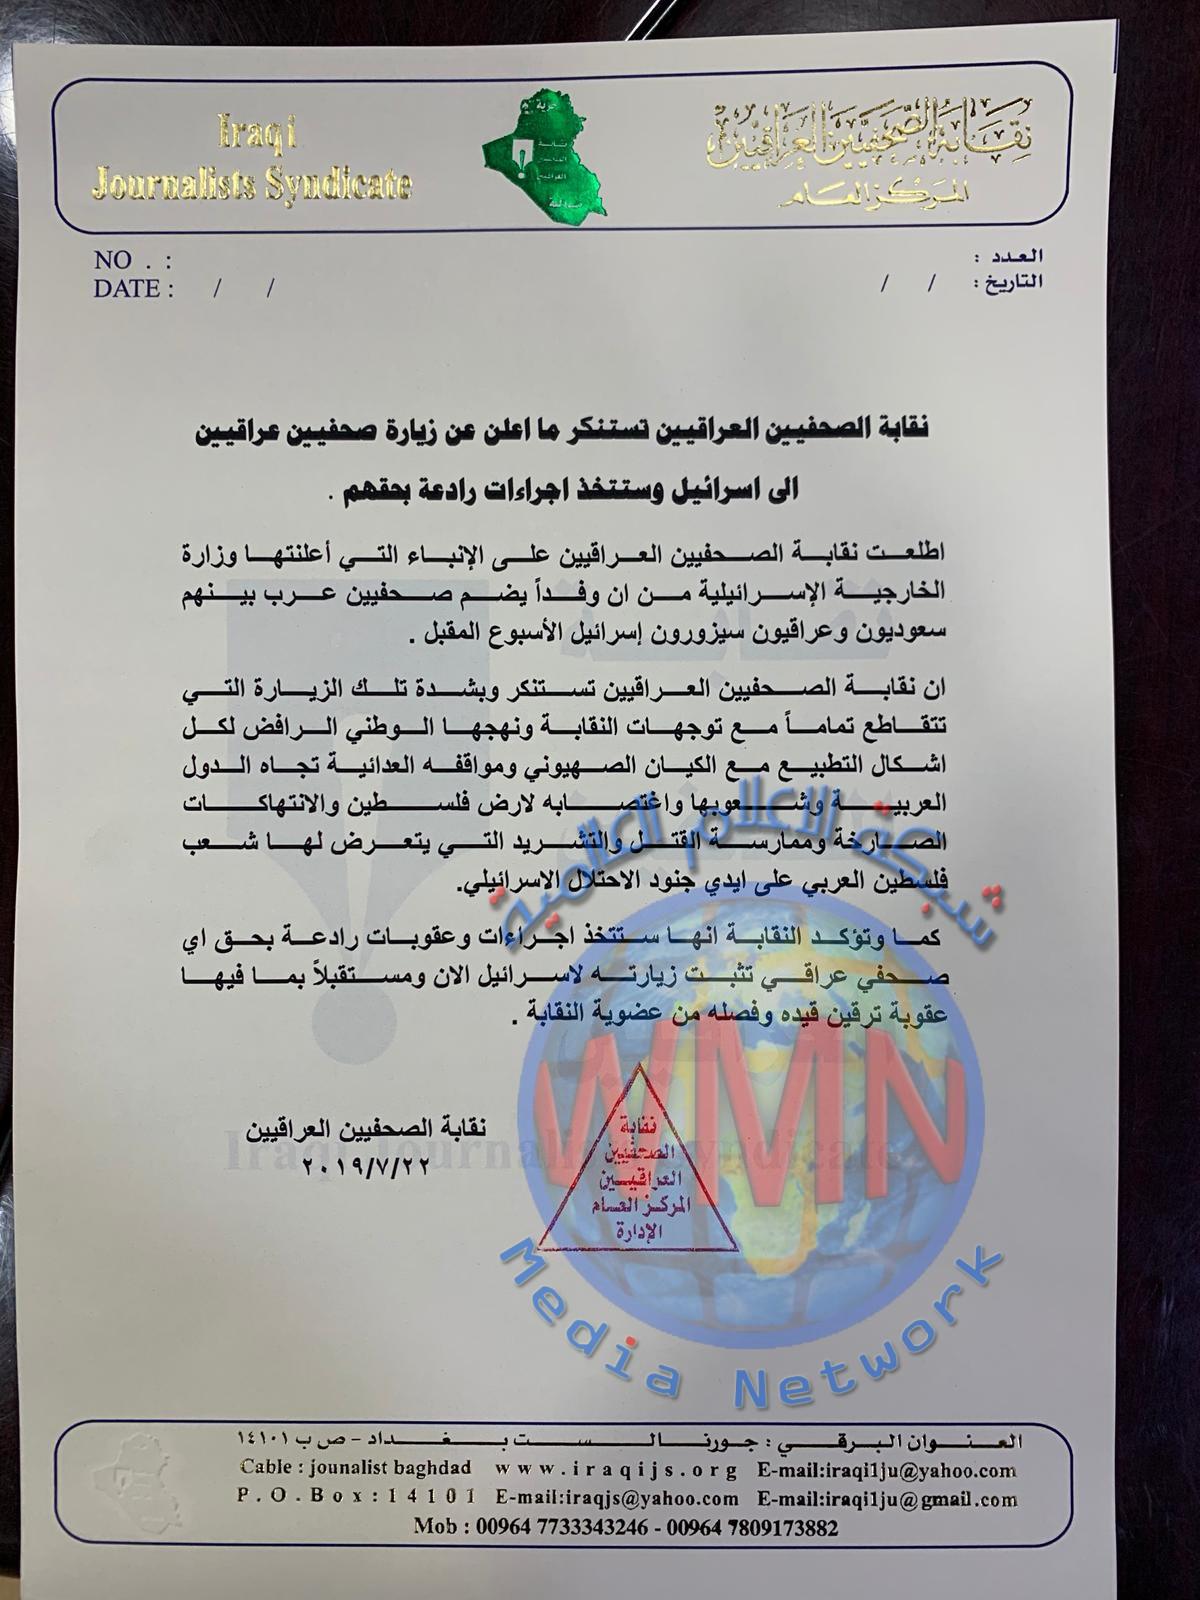 نقابة الصحفيين العراقيين تستنكر ما اعلن عن زيارة صحفيين عراقيين الى اسرائيل وستتخذ اجراءات رادعة بحقهم